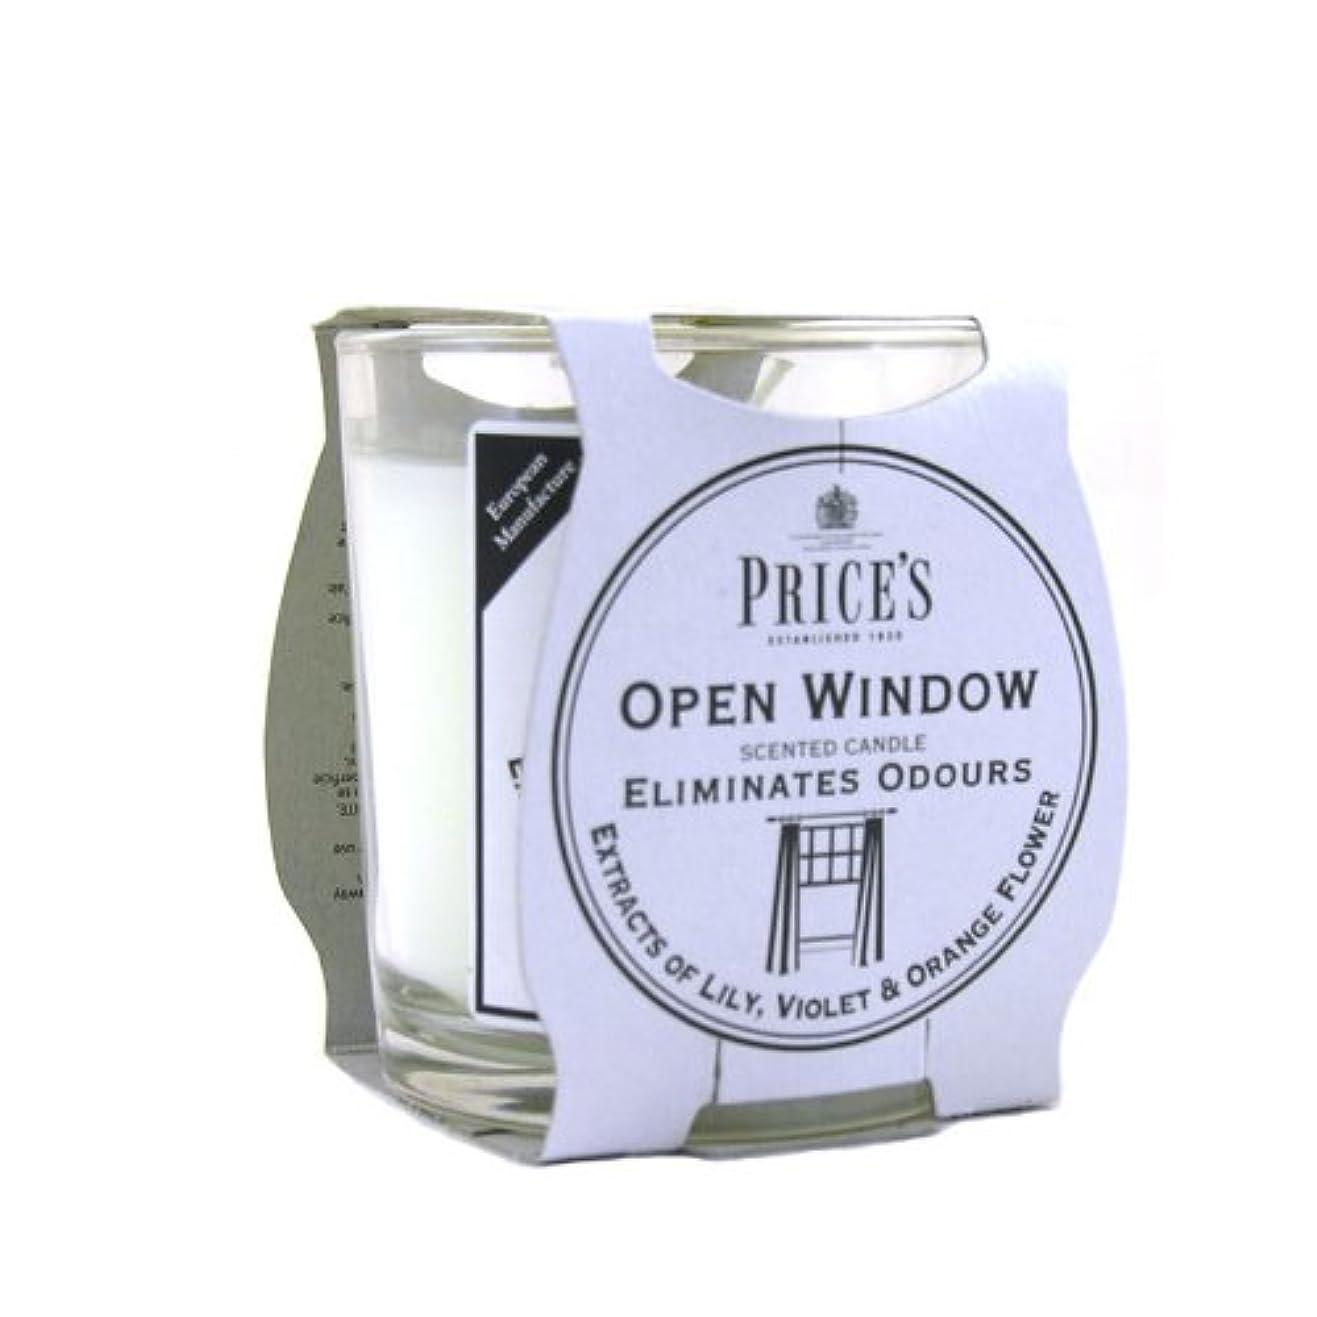 月曜シリング雑多なPrice′s(プライシズ) Fresh Air CANDLE TIN Jar type (フレッシュエアー キャンドル ジャータイプ) OPEN WINDOW(オープンウィンドゥ)